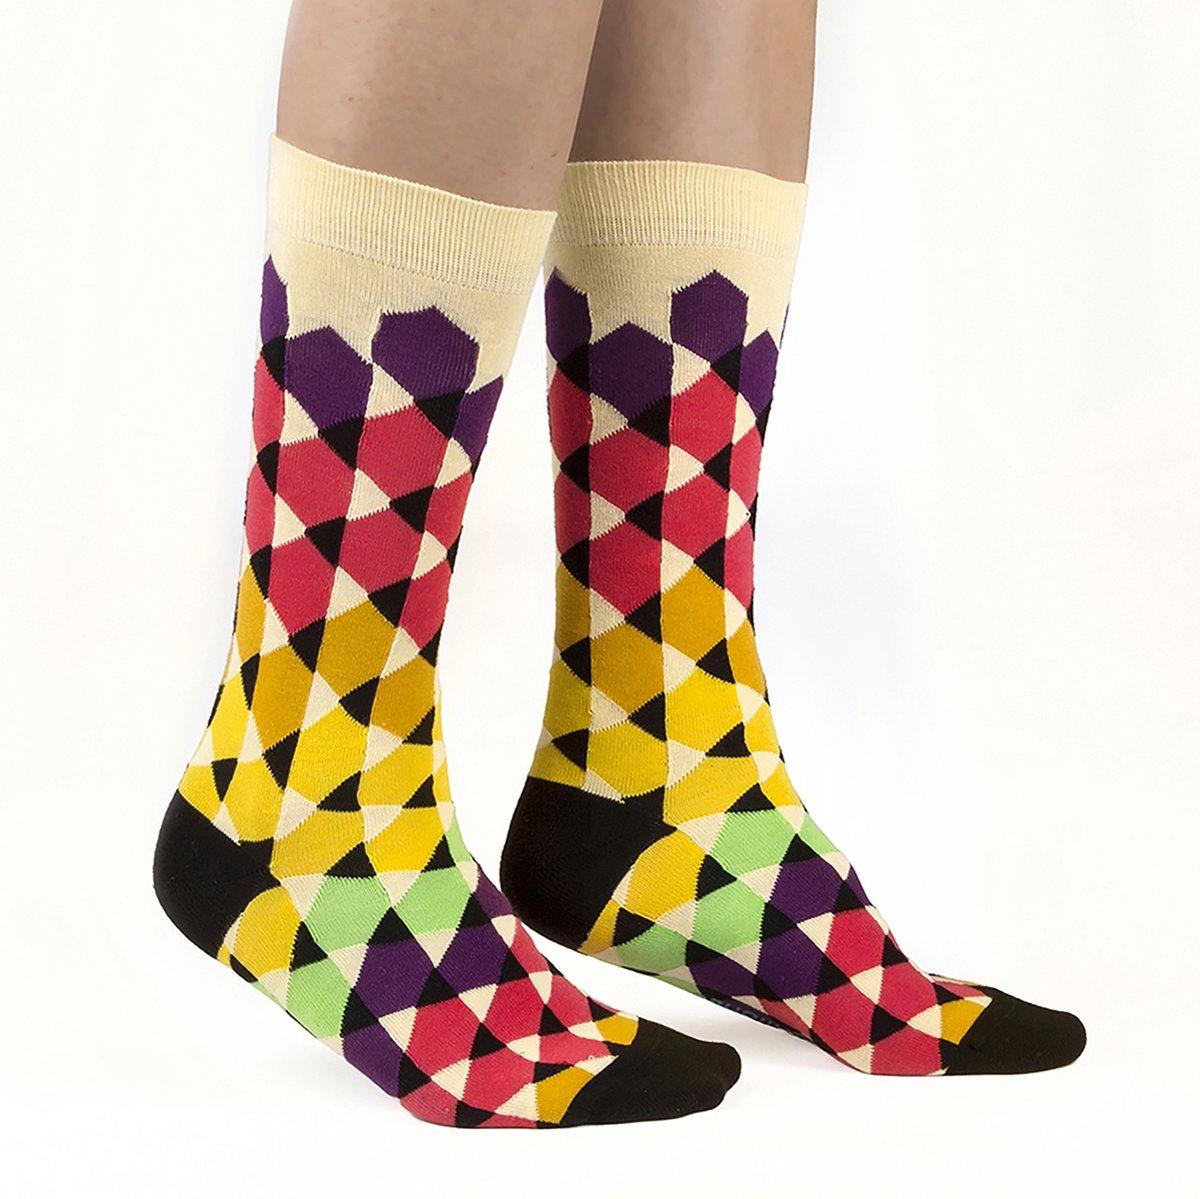 Ballonet Socks - Play / maat 41/46 - vrolijke kleurrijke sokken